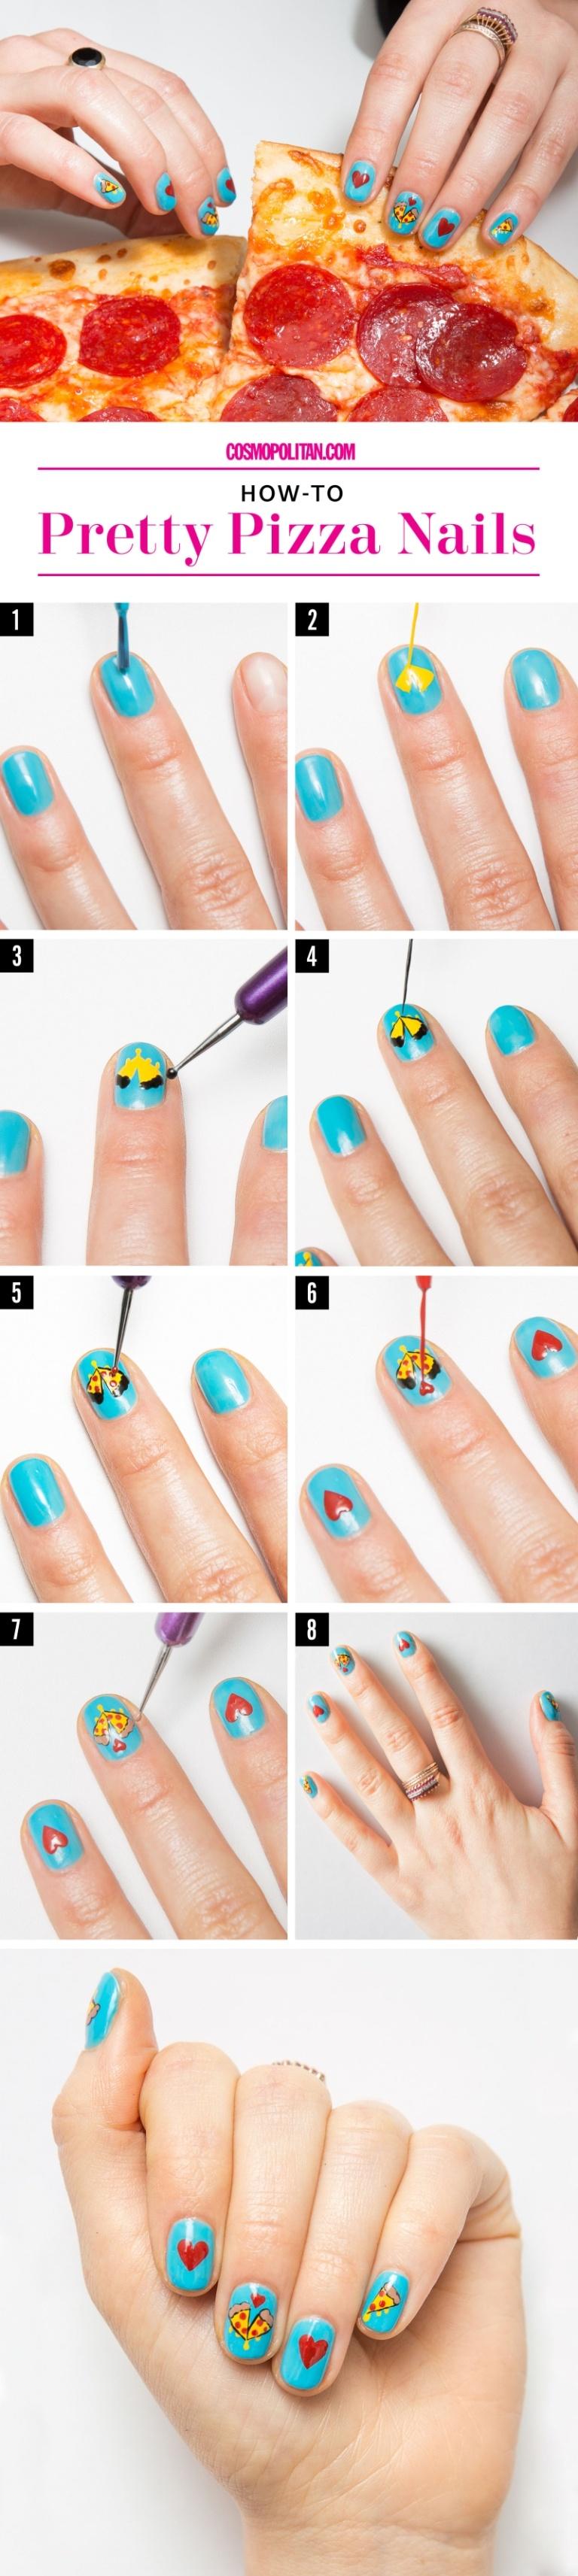 Pizza vday nails